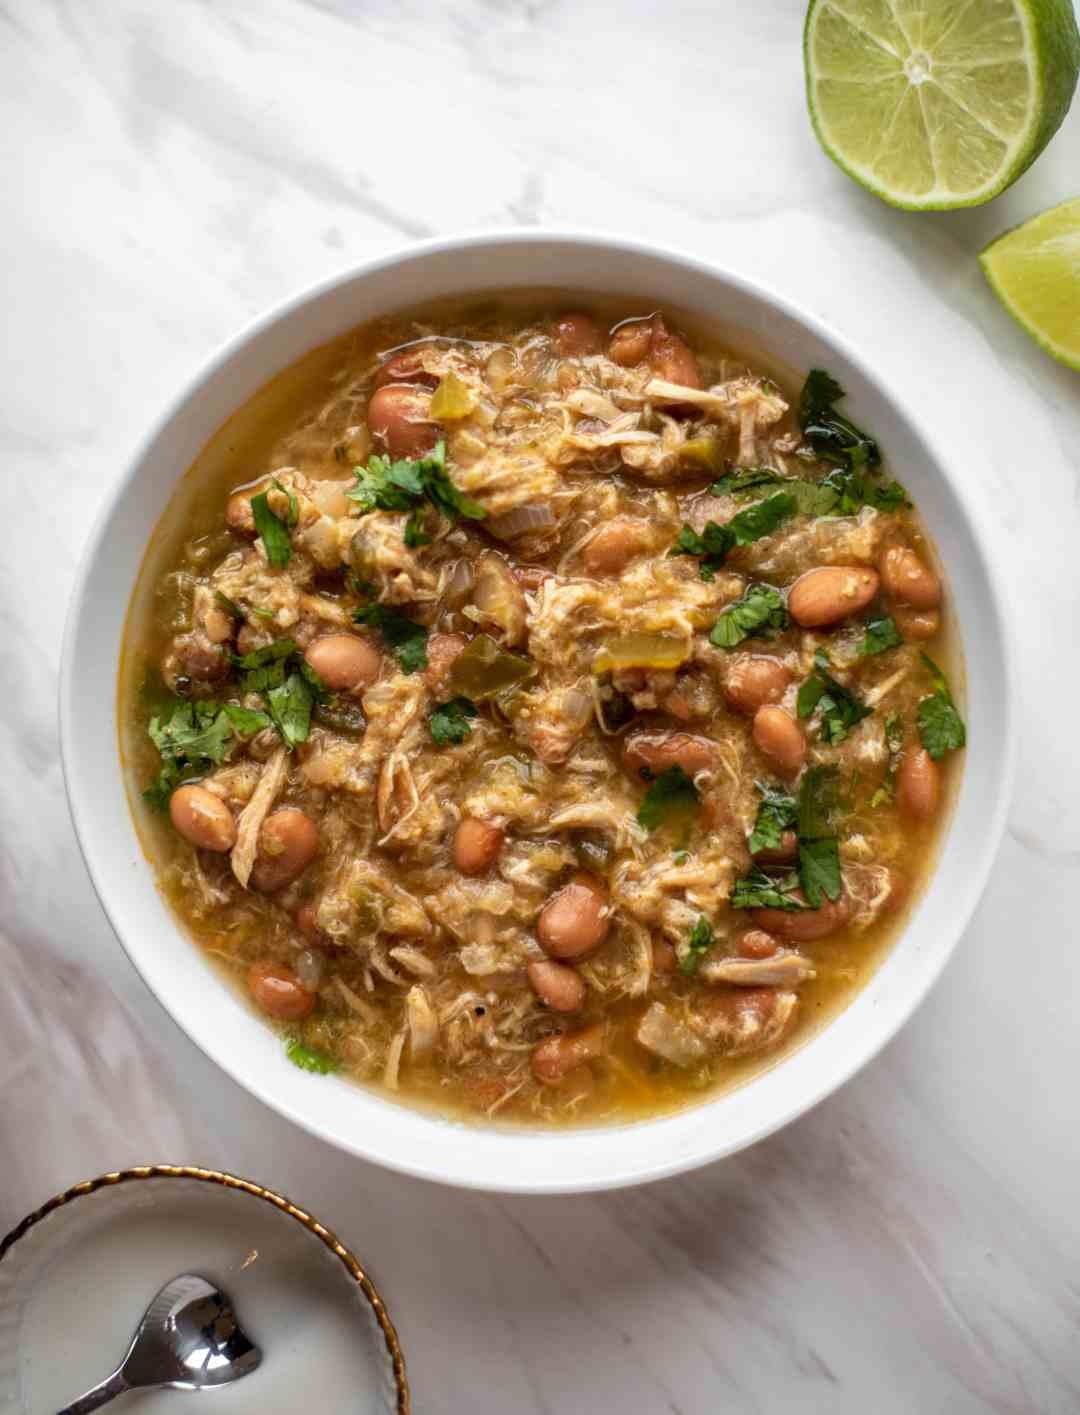 Esta sopa de pollo verde es fácil de preparar y se prepara rápidamente. ¡Se sirve con yogurt salado mezclado por encima y es delicioso!